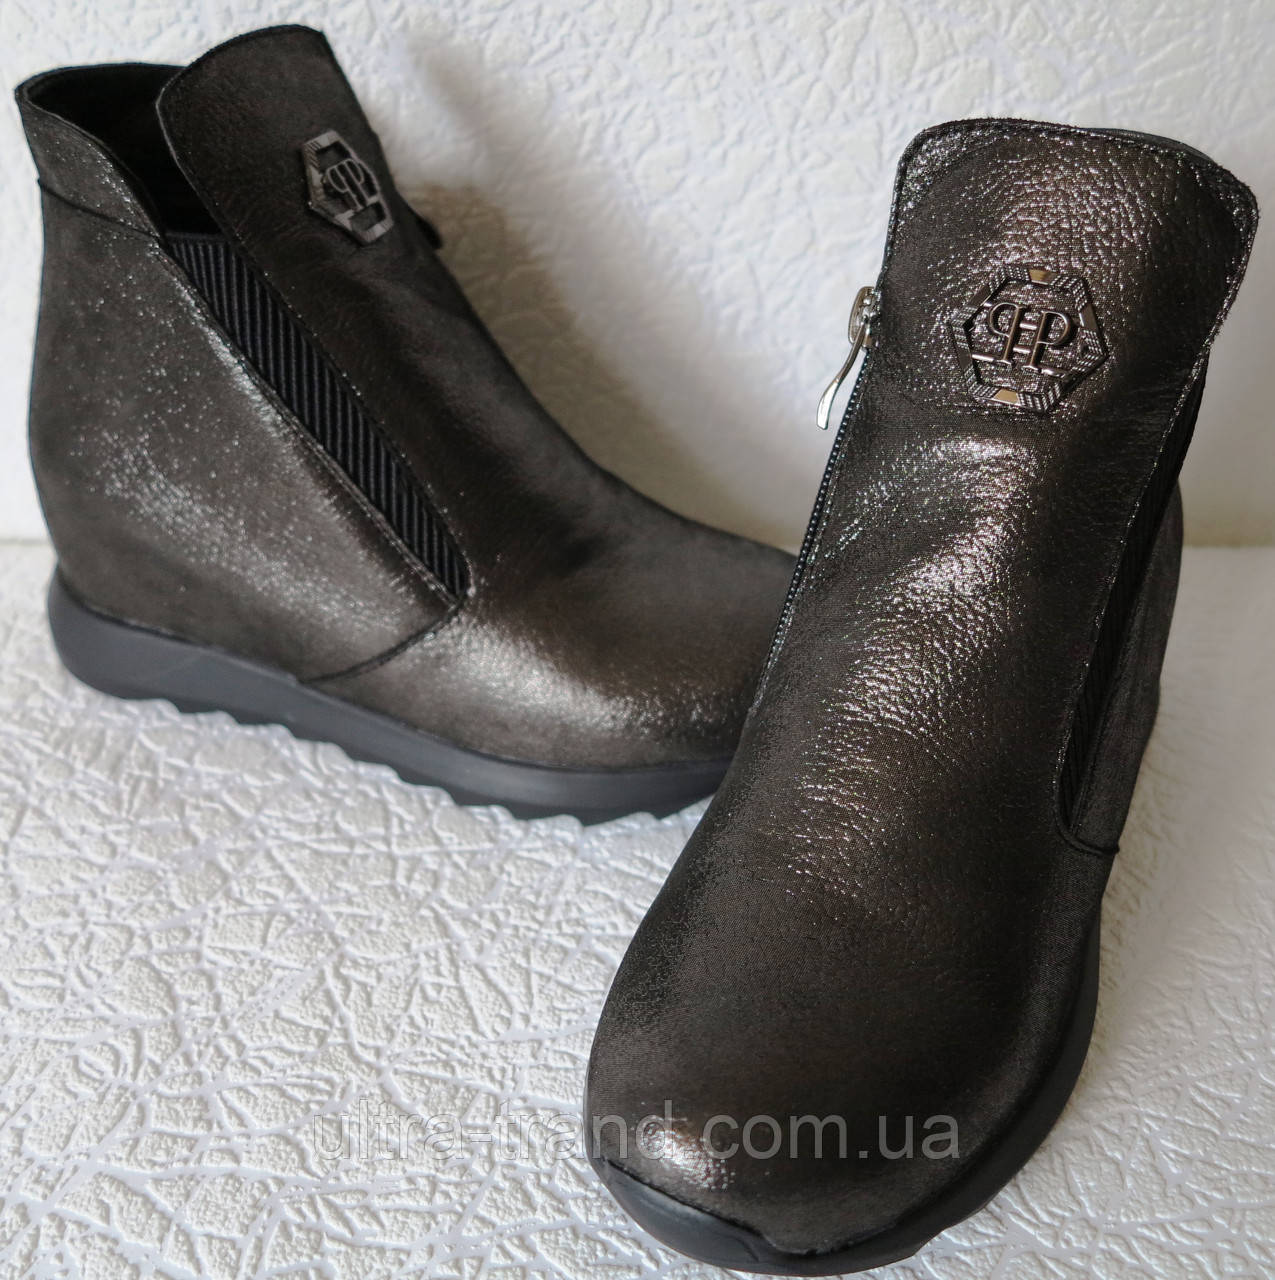 Женские ботинки в стиле Philipp Plein! скрытая платформа Филипп Плейн кожа никель